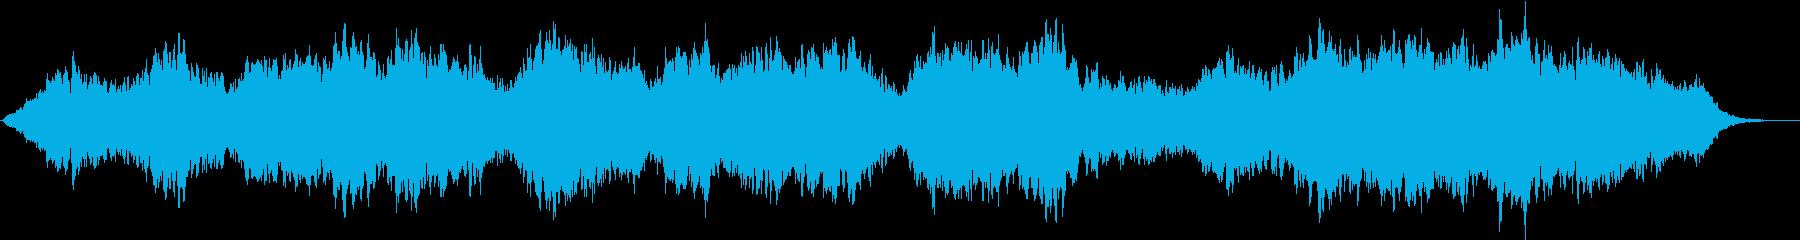 神秘的で落ち着いたアンビエント 1の再生済みの波形